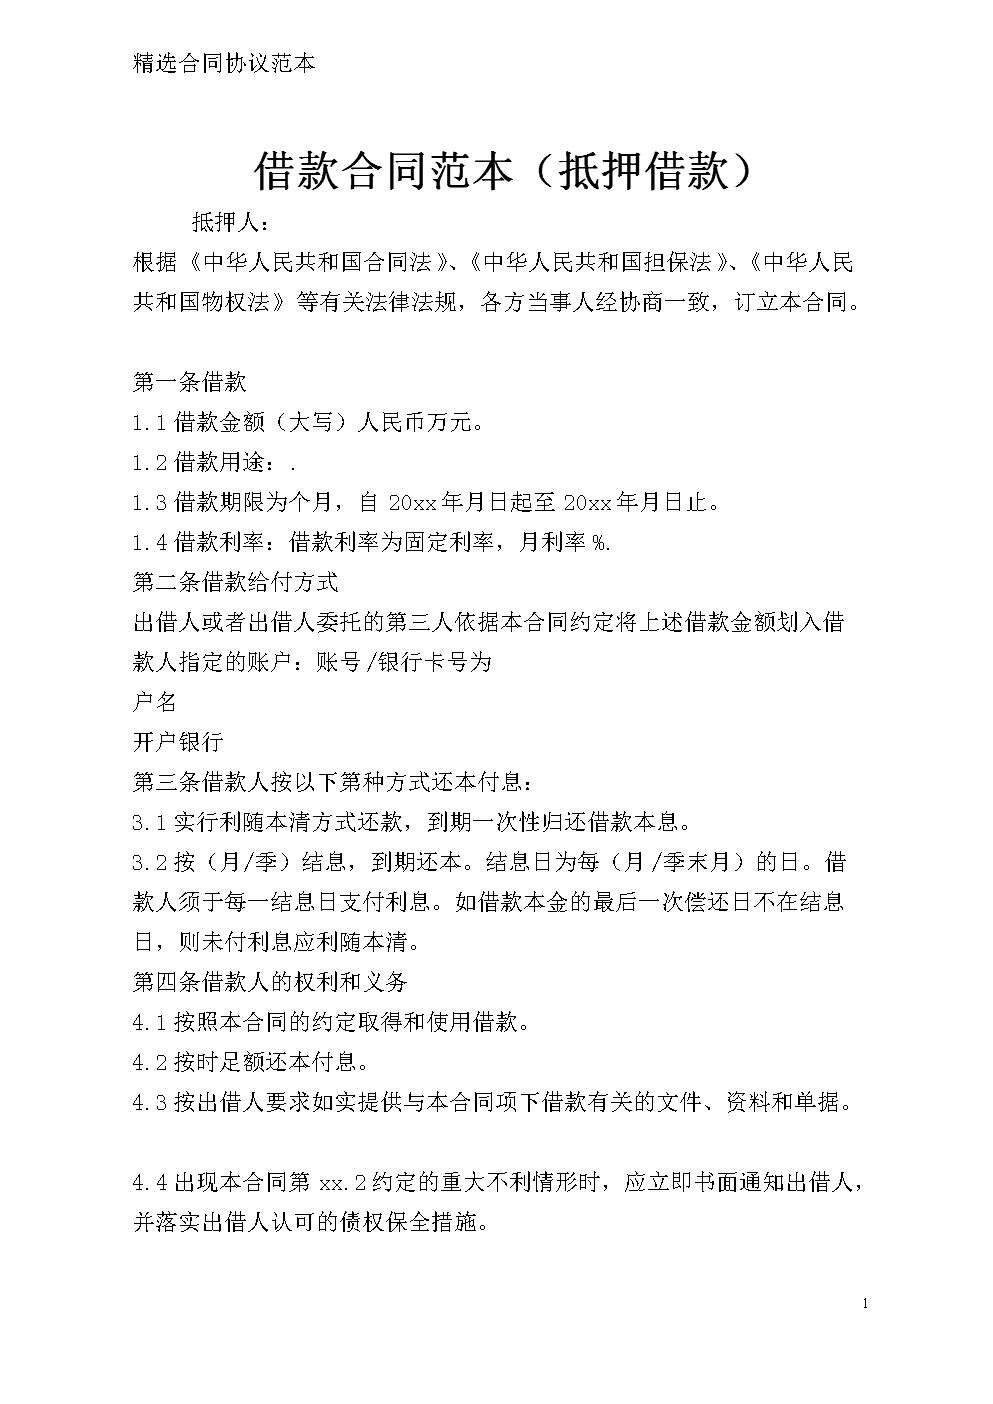 借款合同样本模板(抵押借款).doc